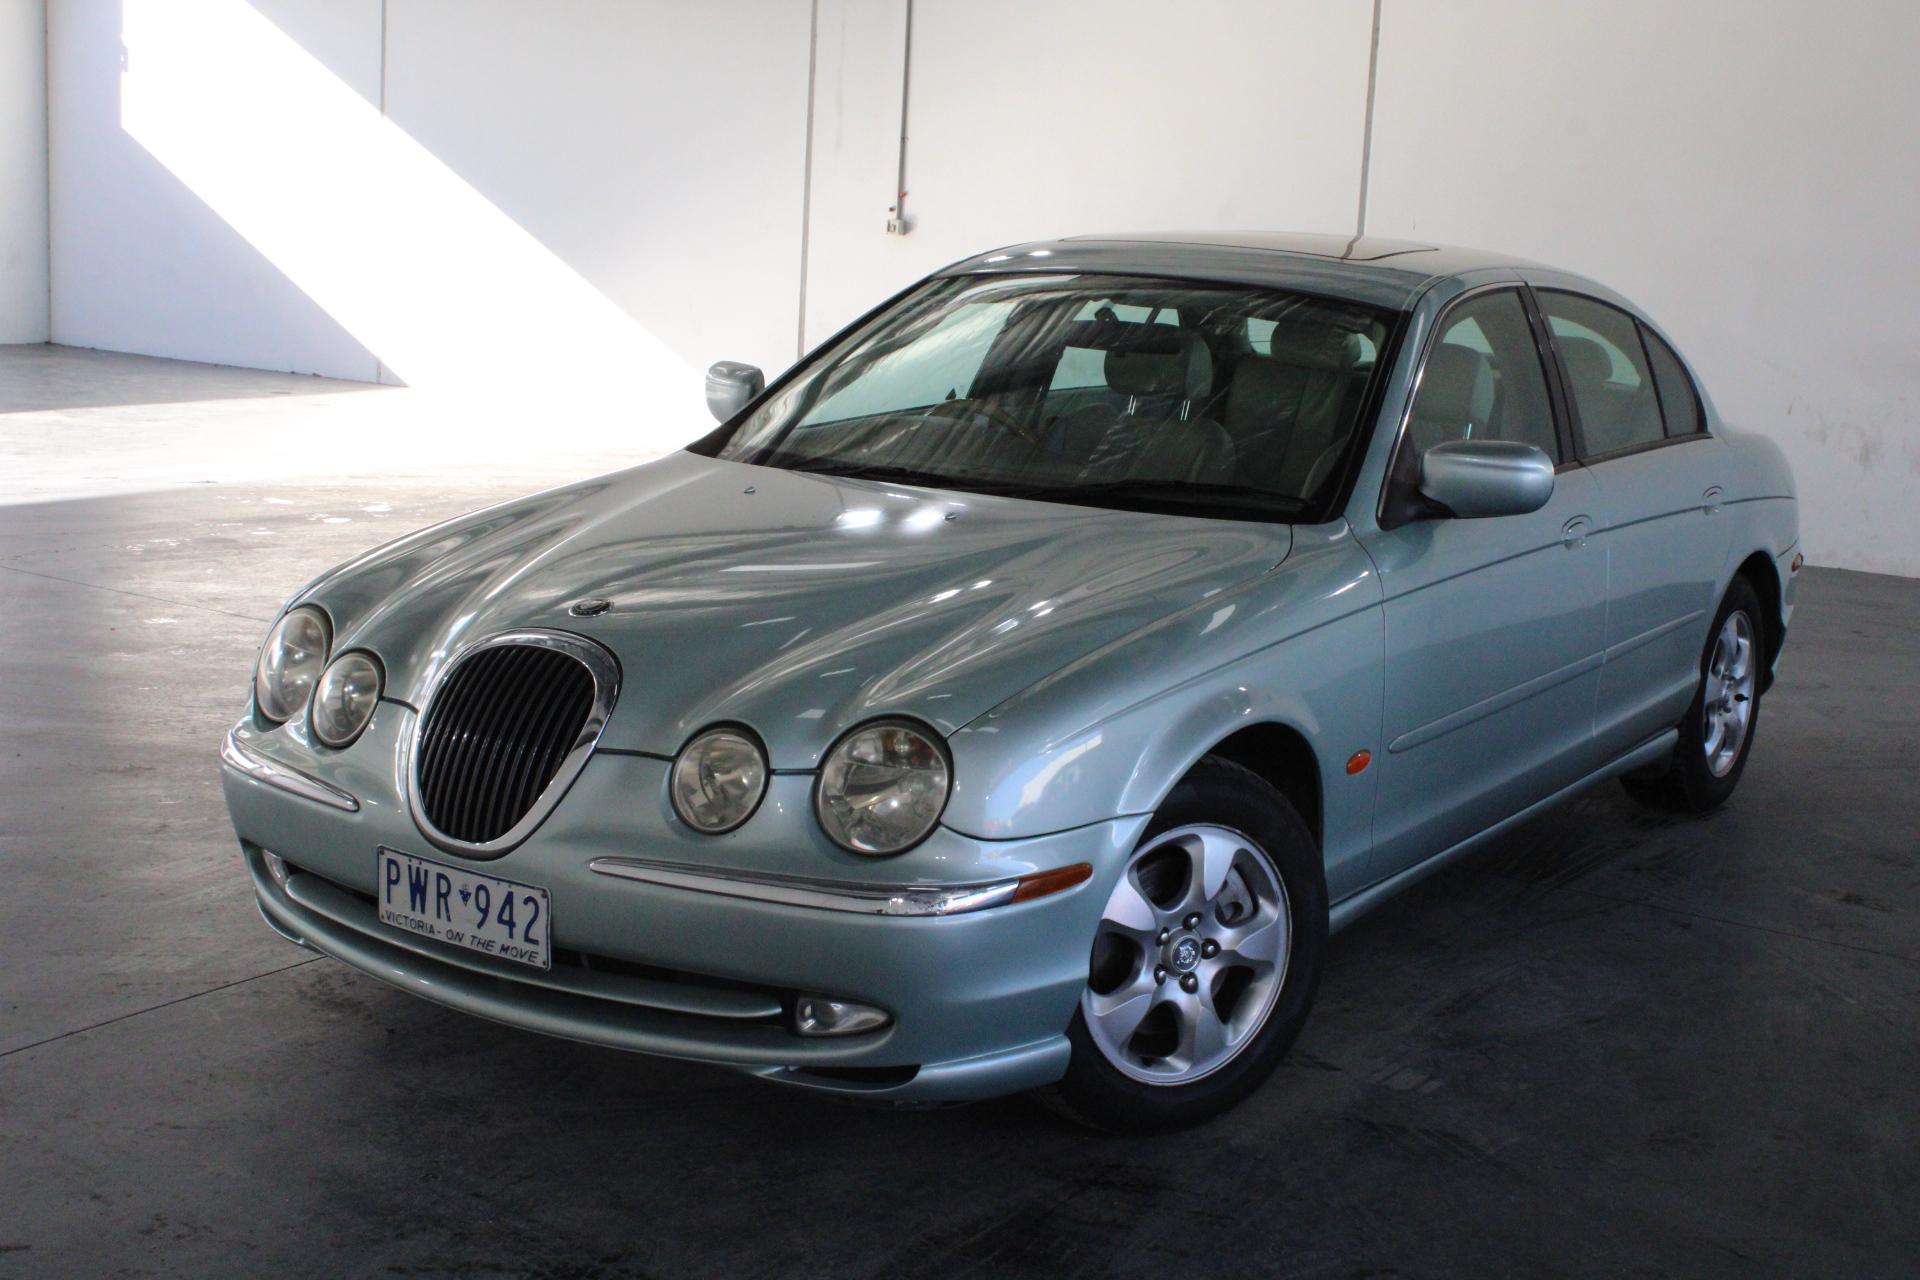 1999 Jaguar S Type V6 SE X200 Automatic Sedan